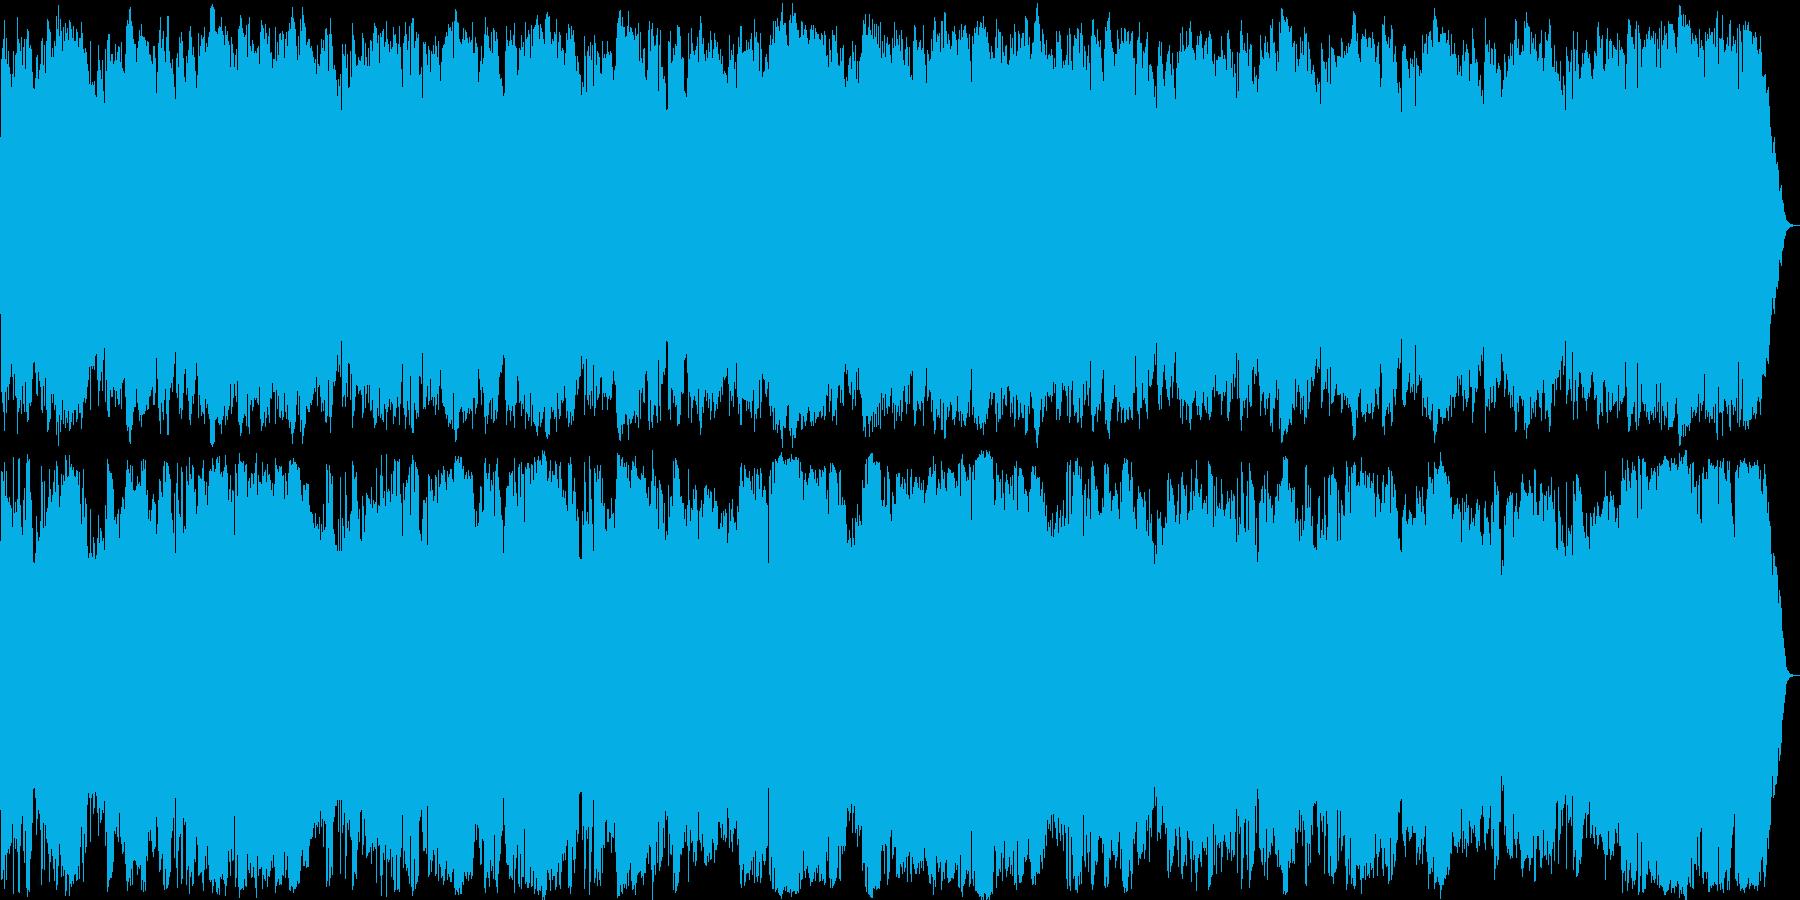 アメリカ南部のゴーストタウンのイメージの再生済みの波形